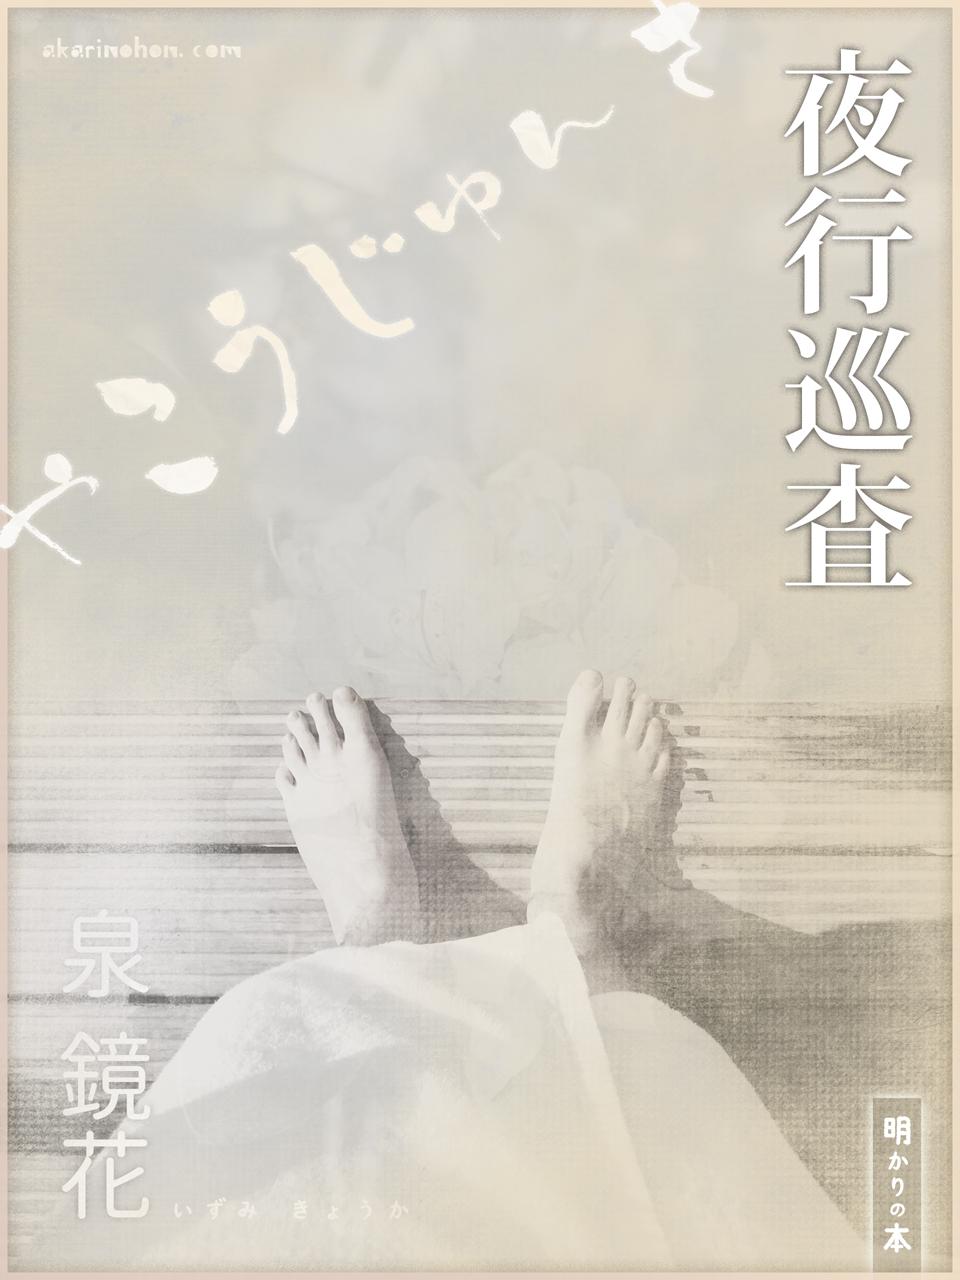 0000 - 夜行巡査 泉鏡花